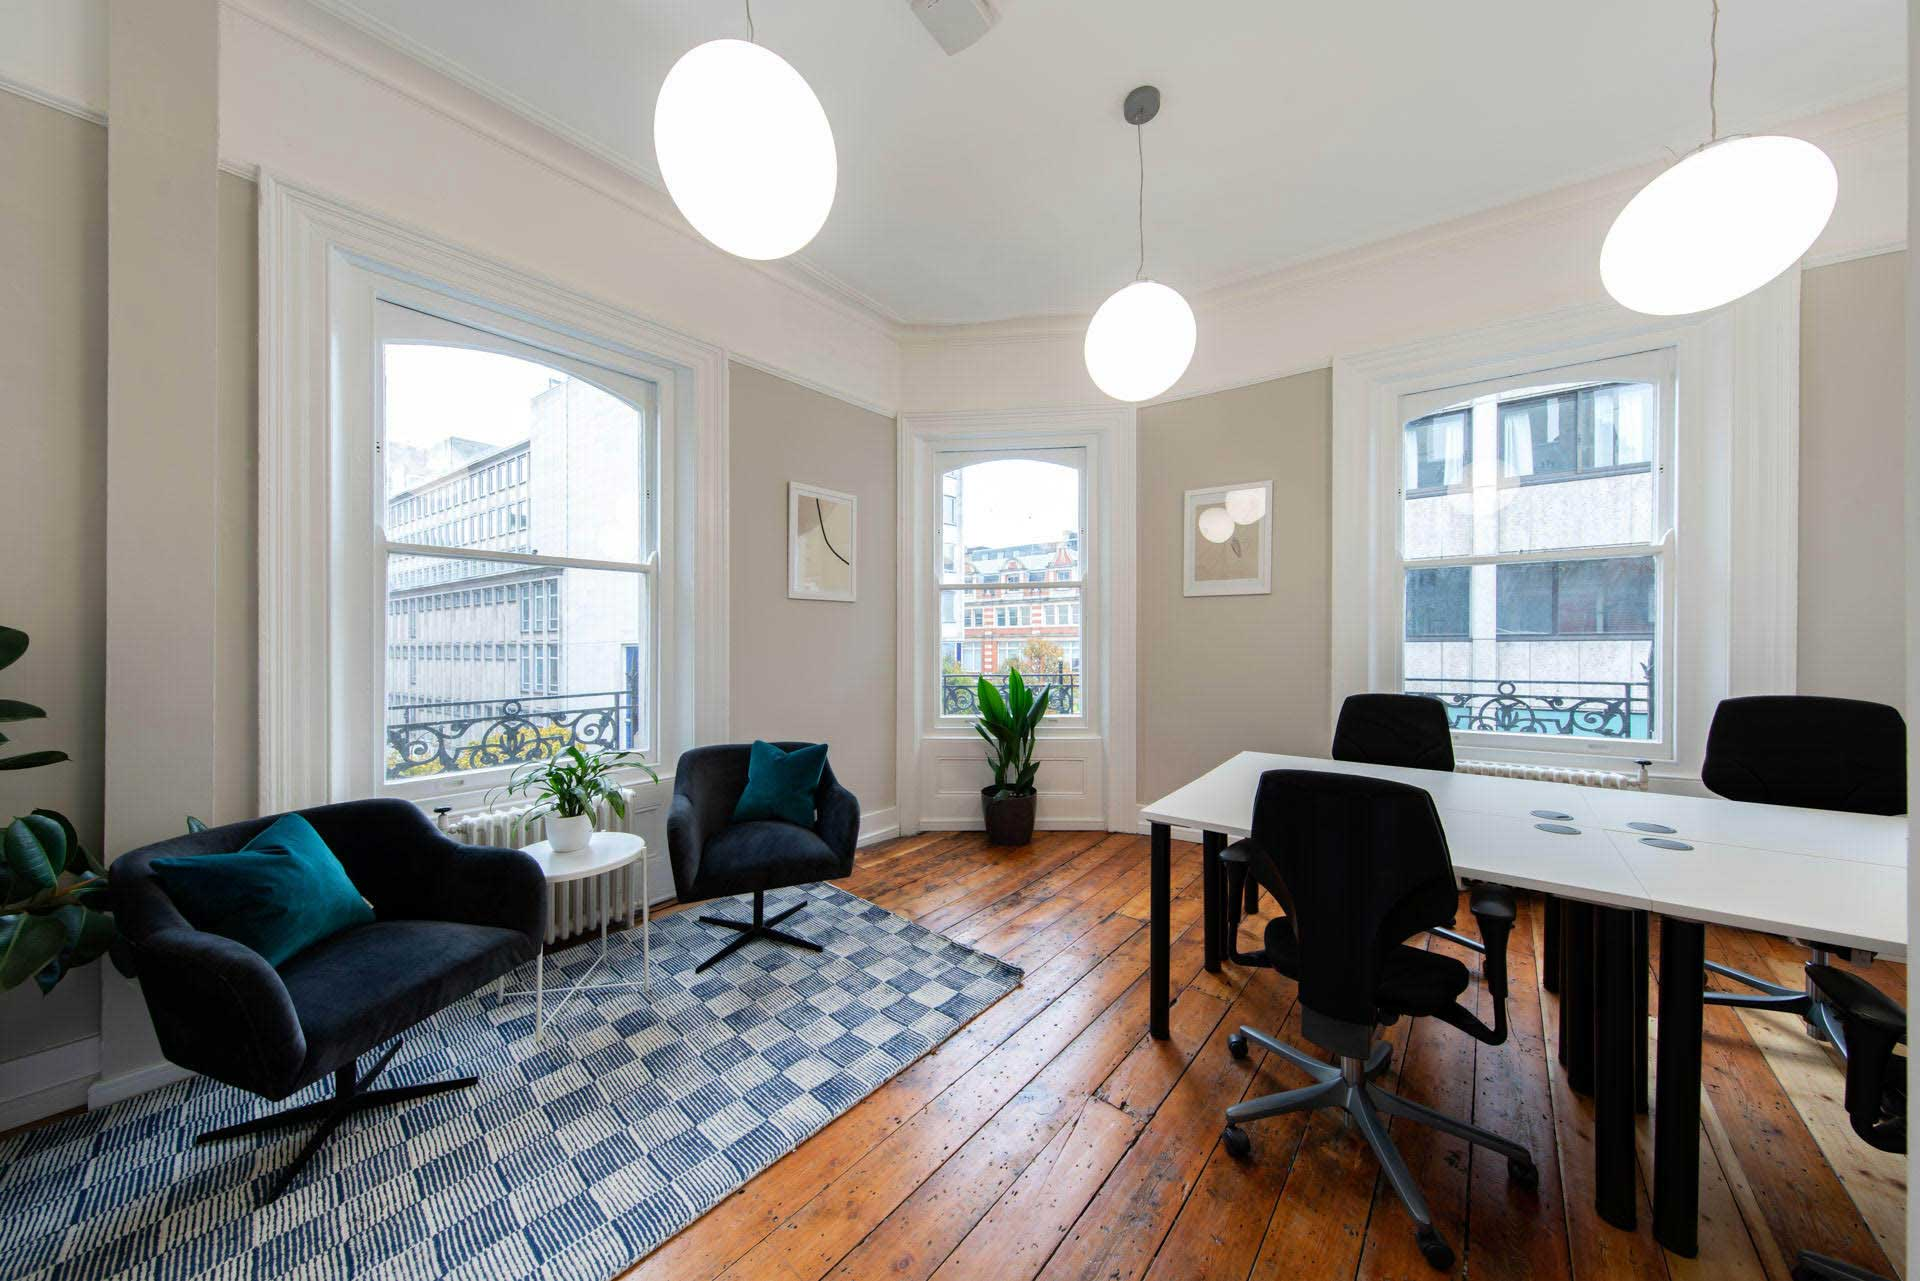 Best Offices in London - Mayfair - Binney Street